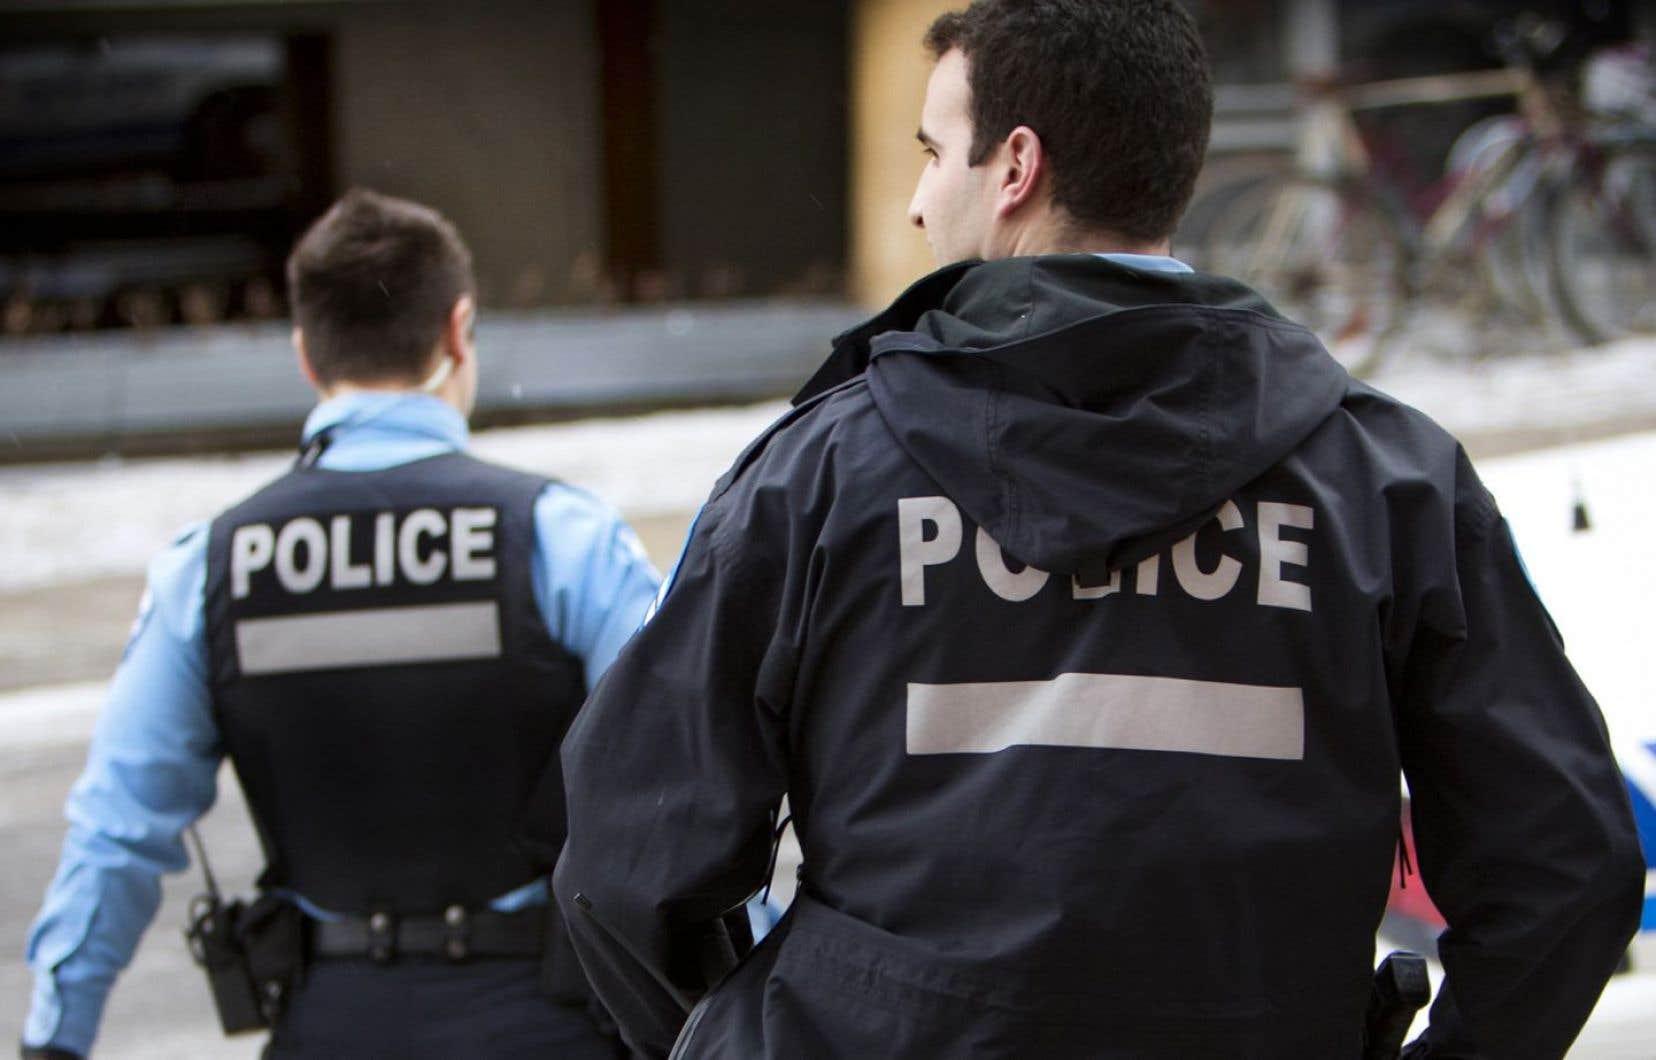 La commission Chamberland a été mise sur pied après que le fait que des enquêteurs policiers ont eu accès aux relevés téléphoniques de journalistes a été rendu public.